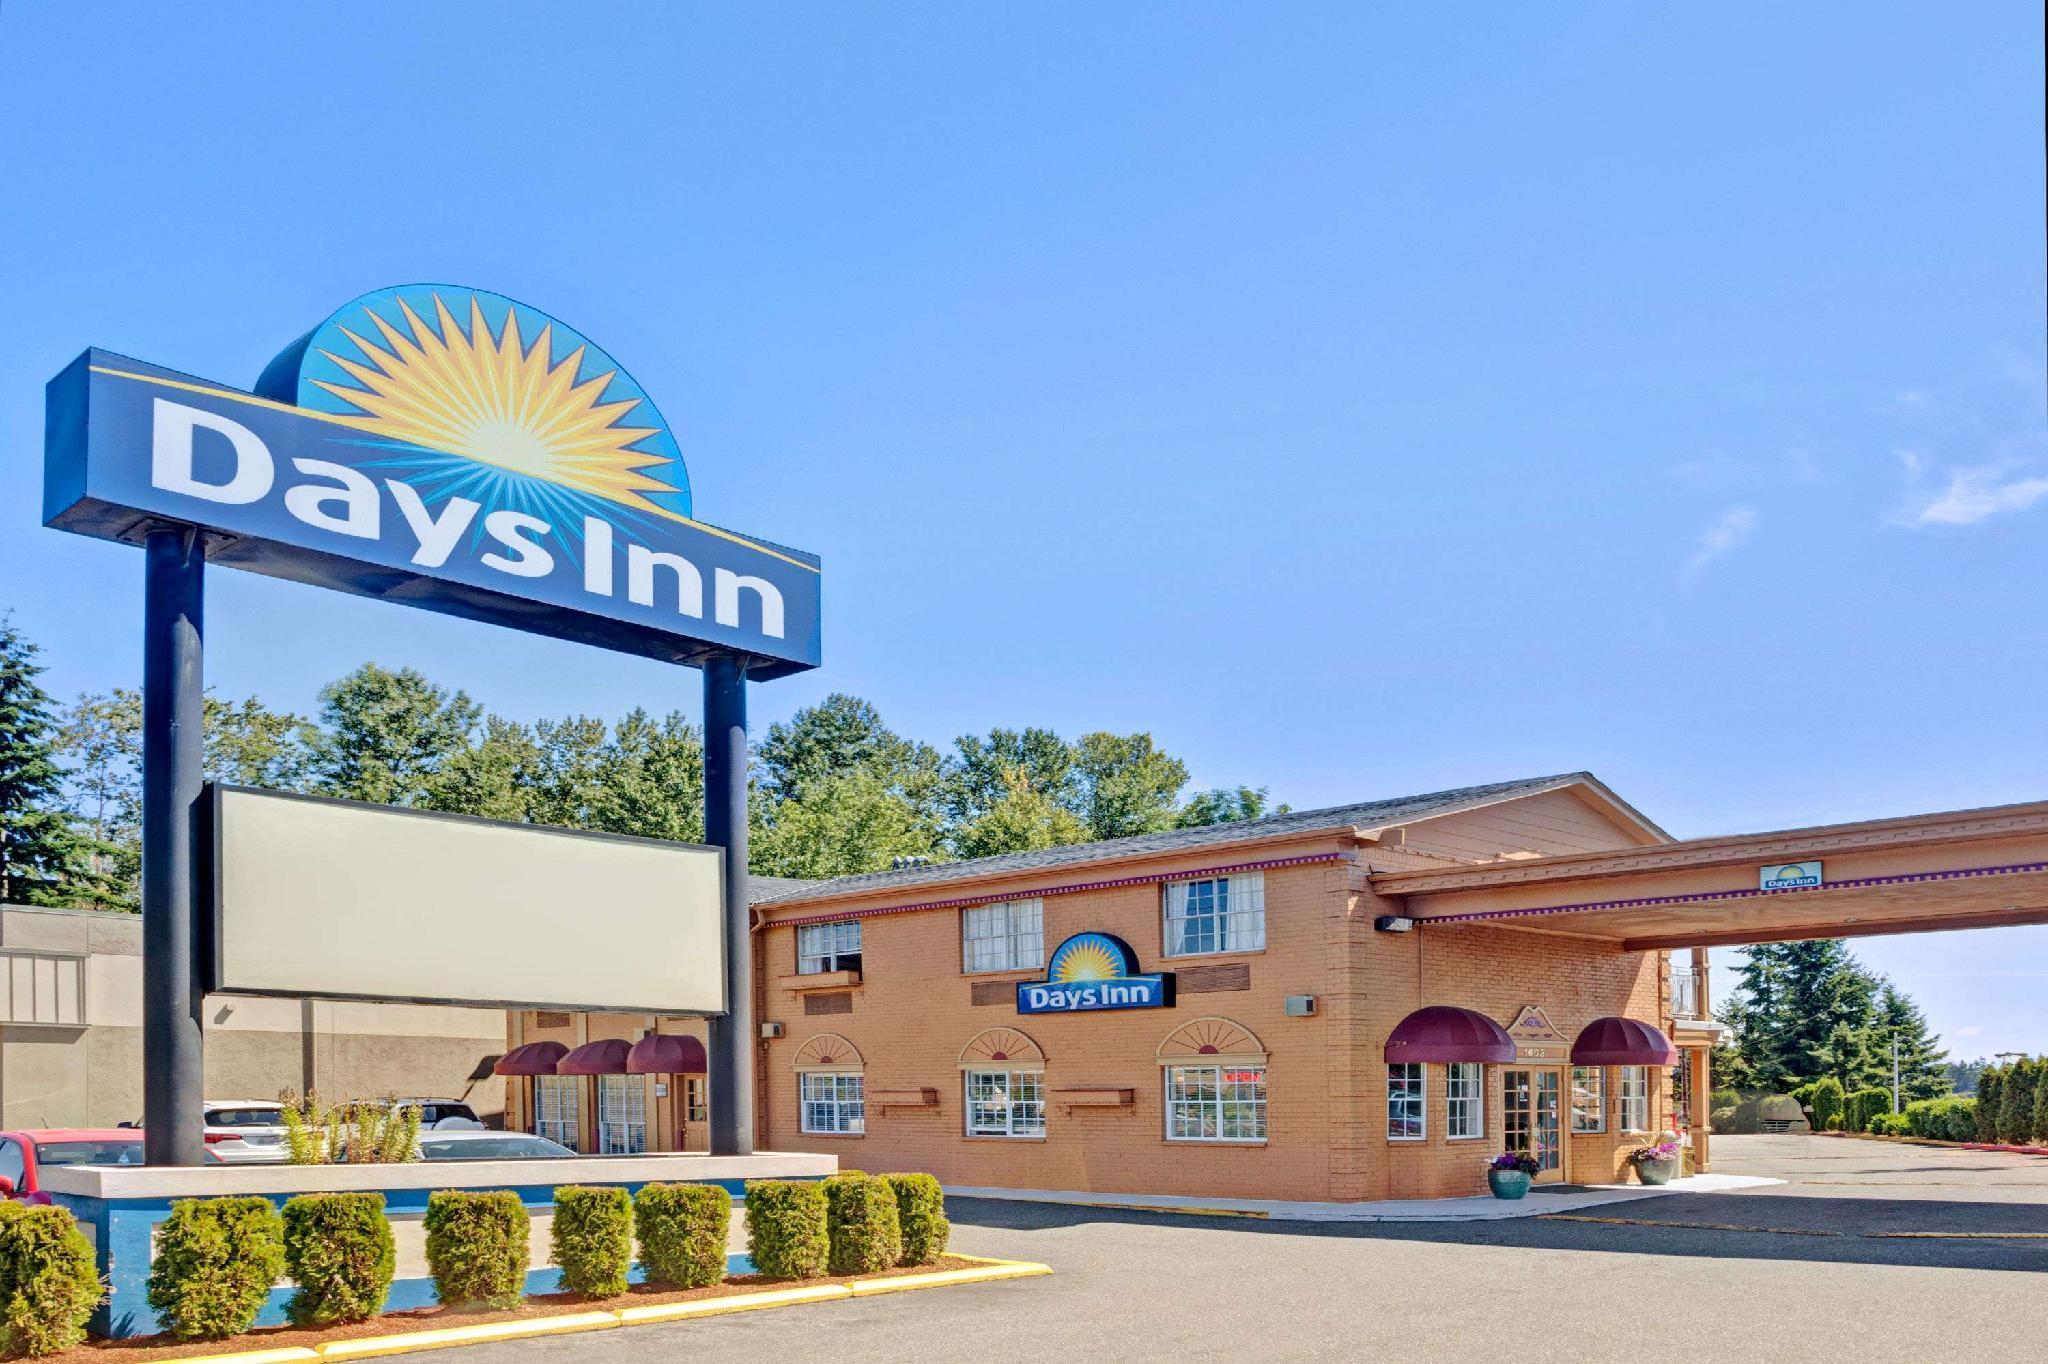 Days Inn By Wyndham Everett